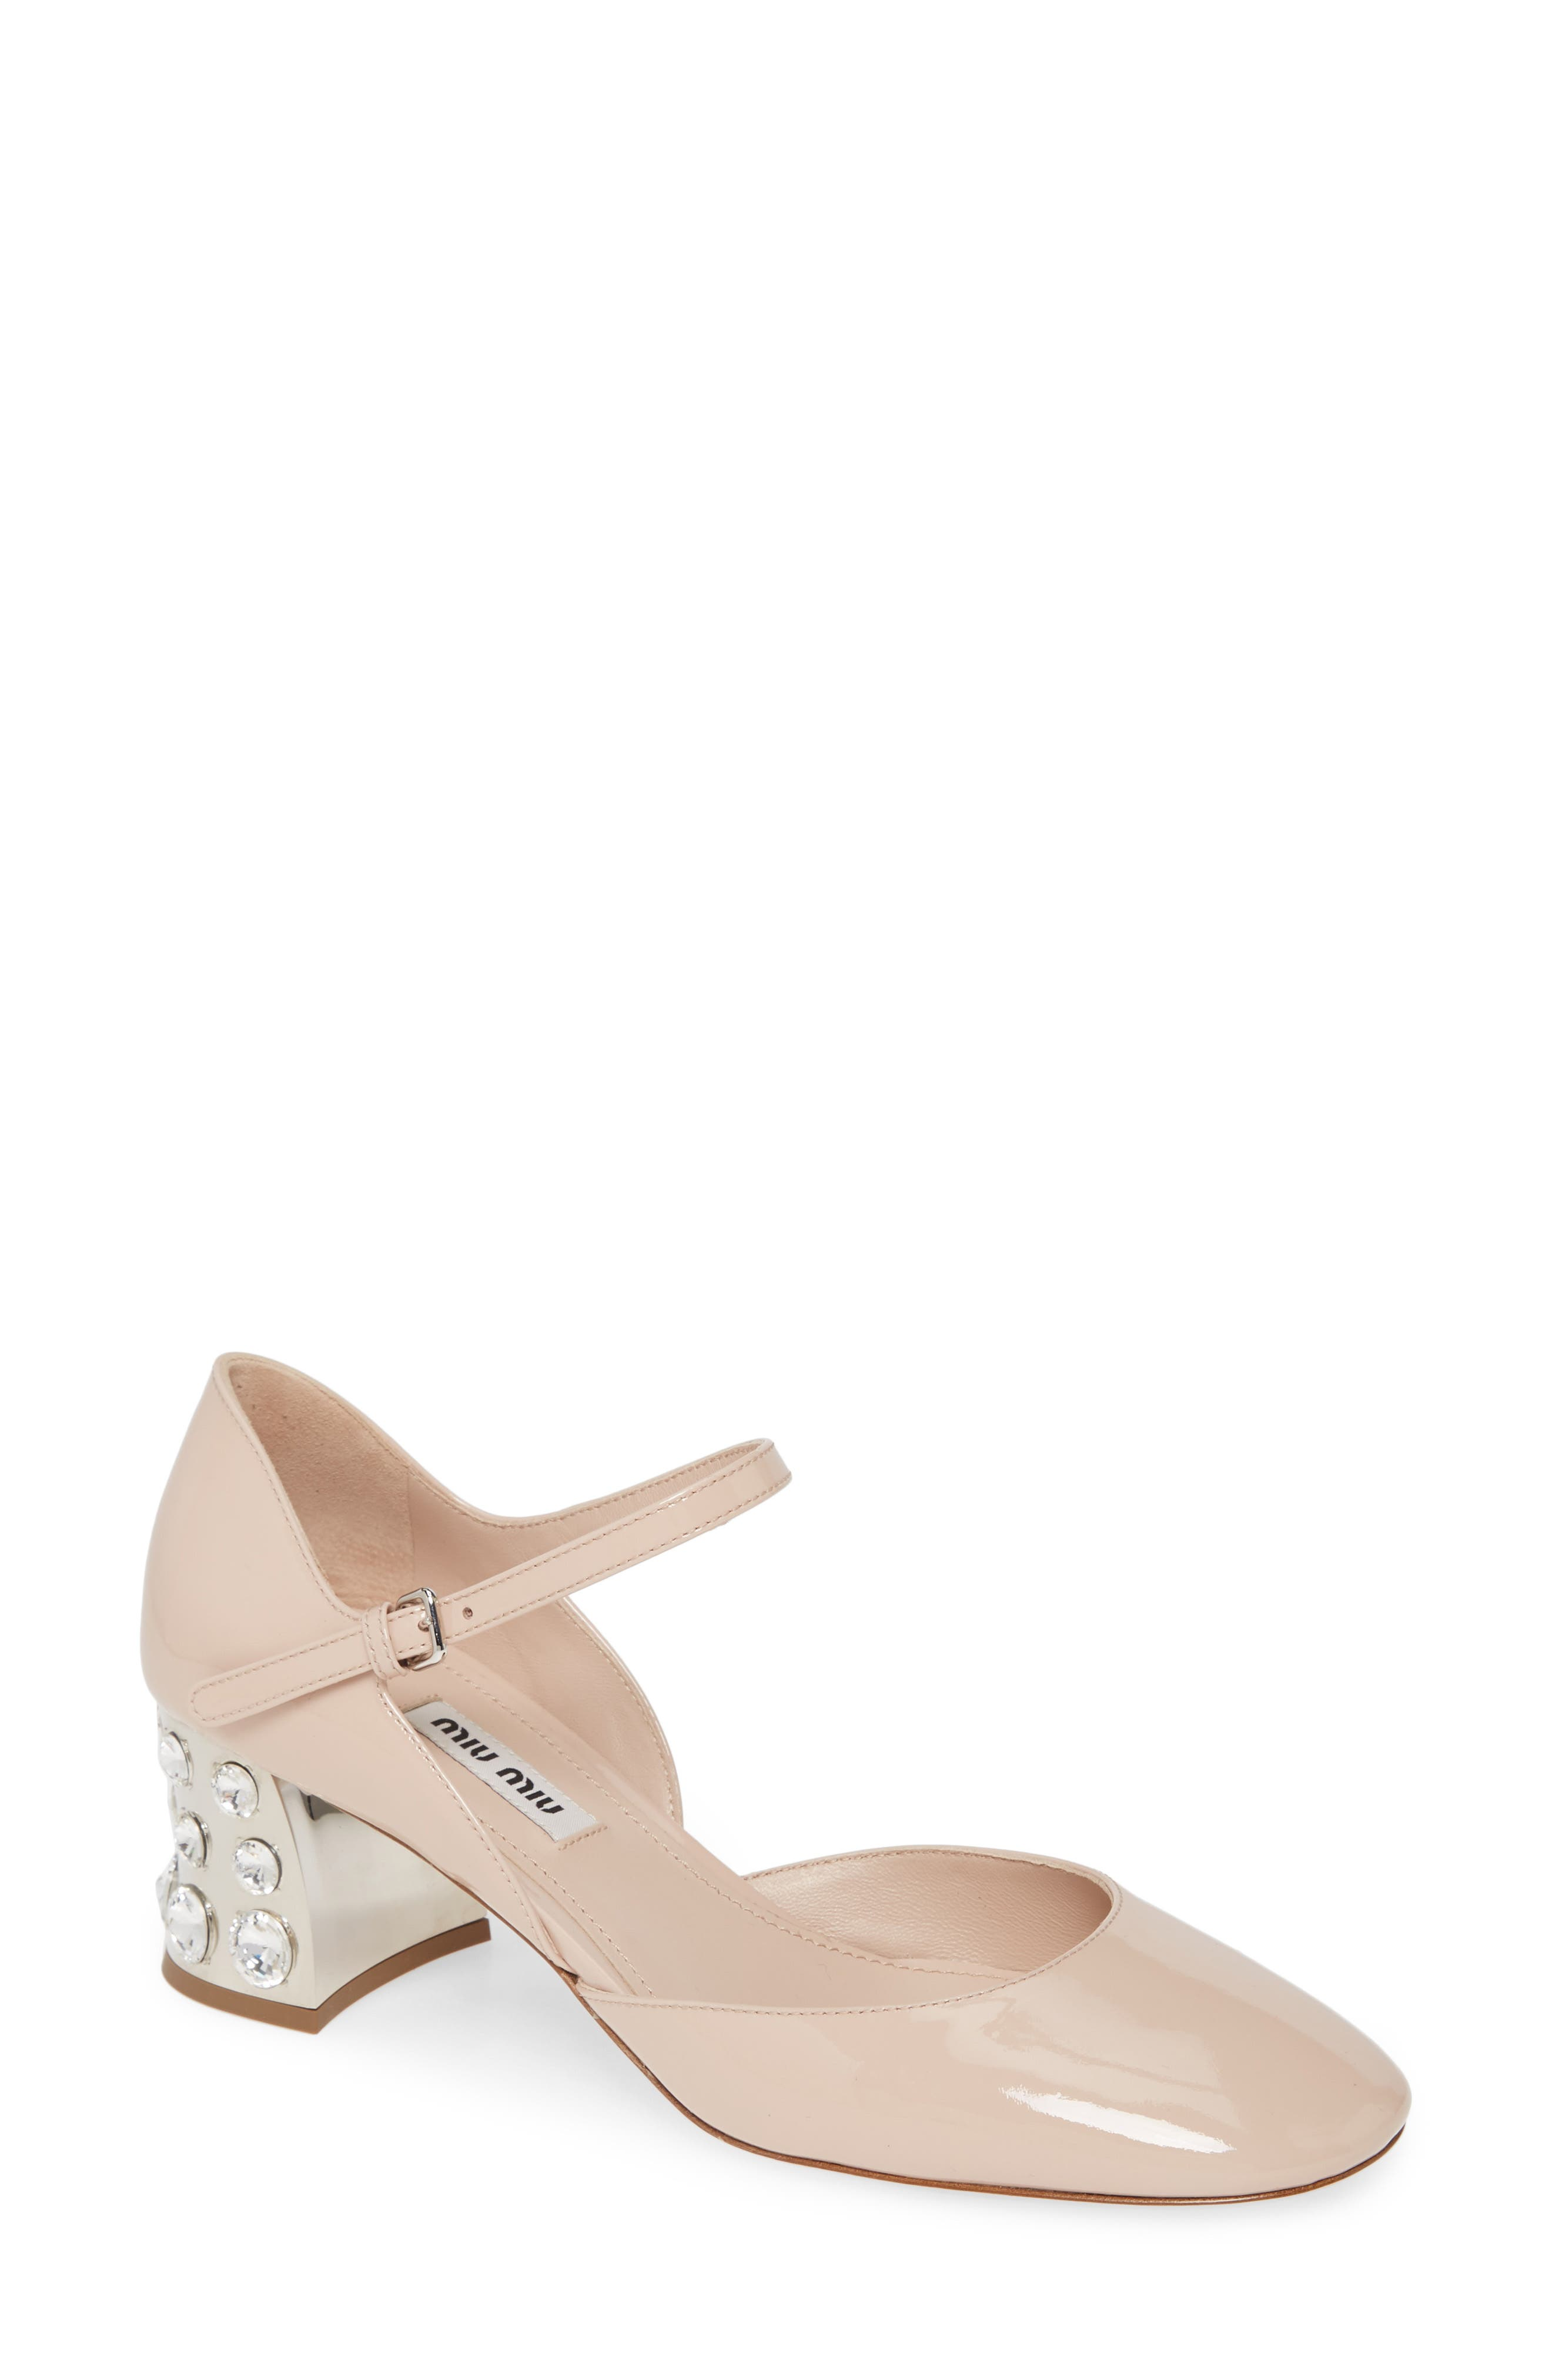 Women's Miu Miu Shoes   Nordstrom